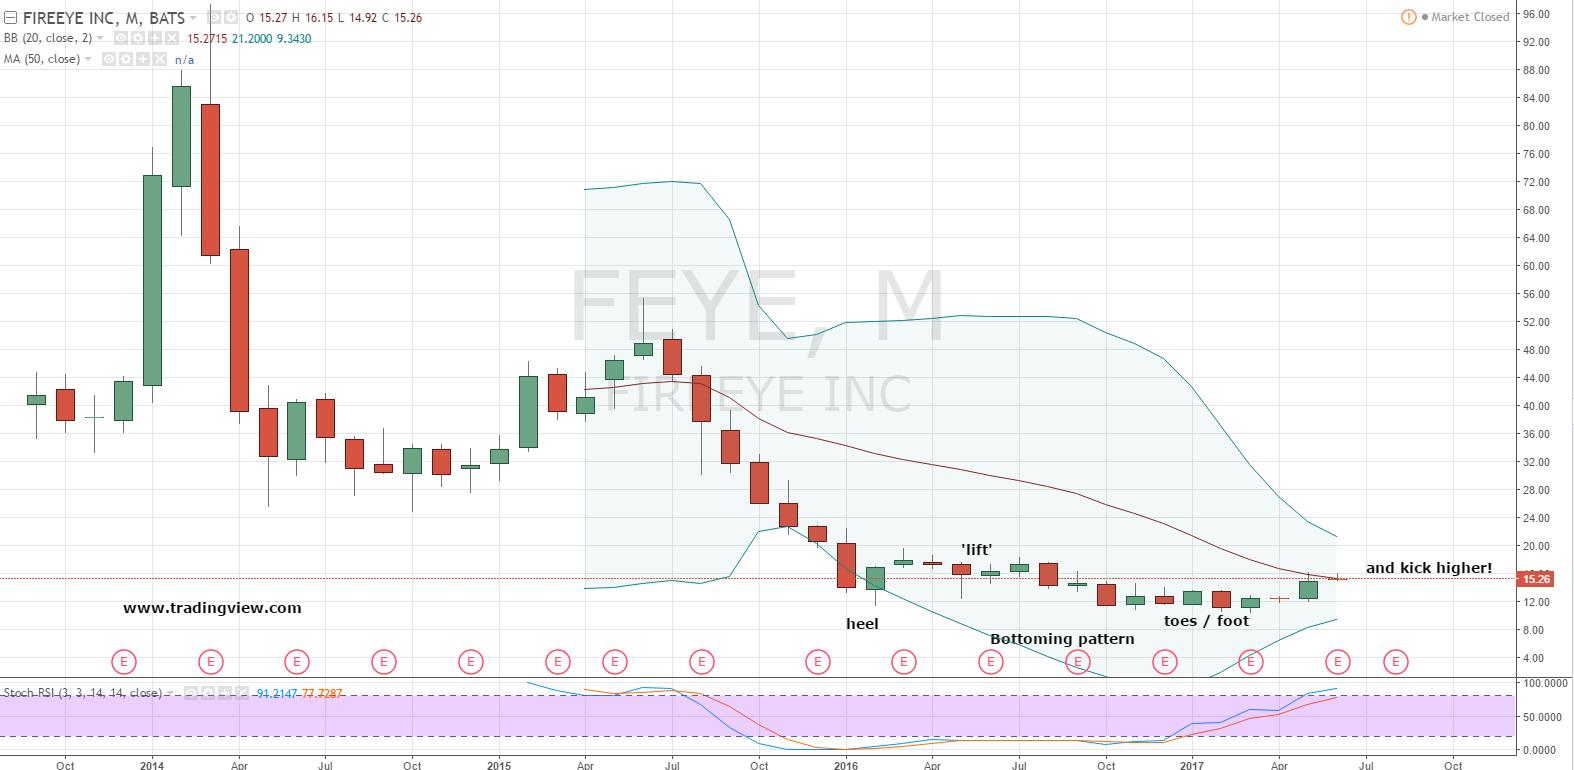 Feye stock options